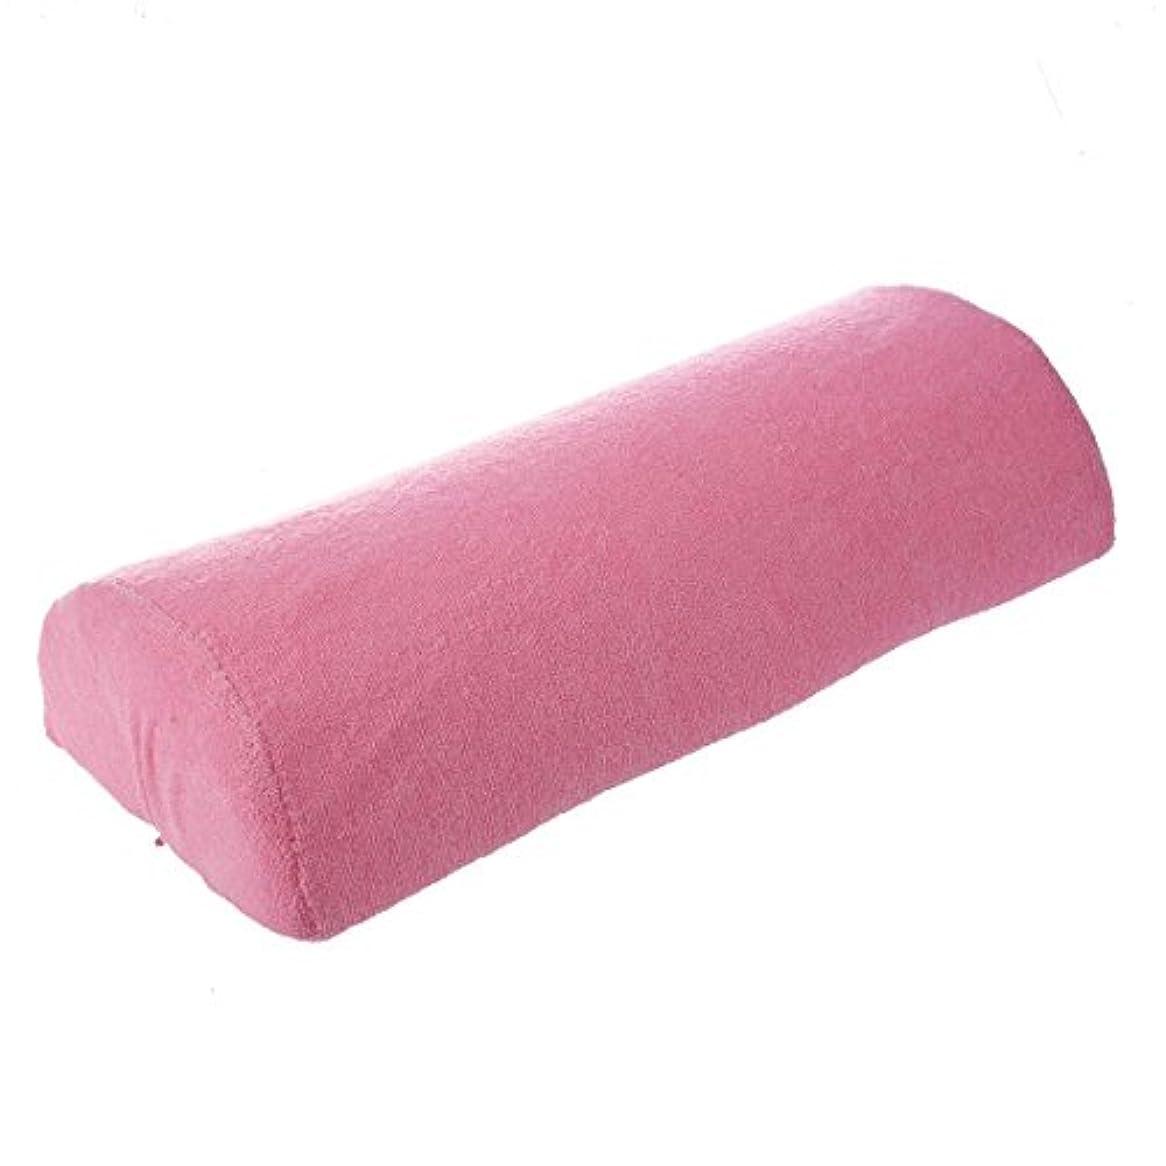 ピンクソファーソートTOOGOO ネイルアートのハンドのクッション枕 ピンク